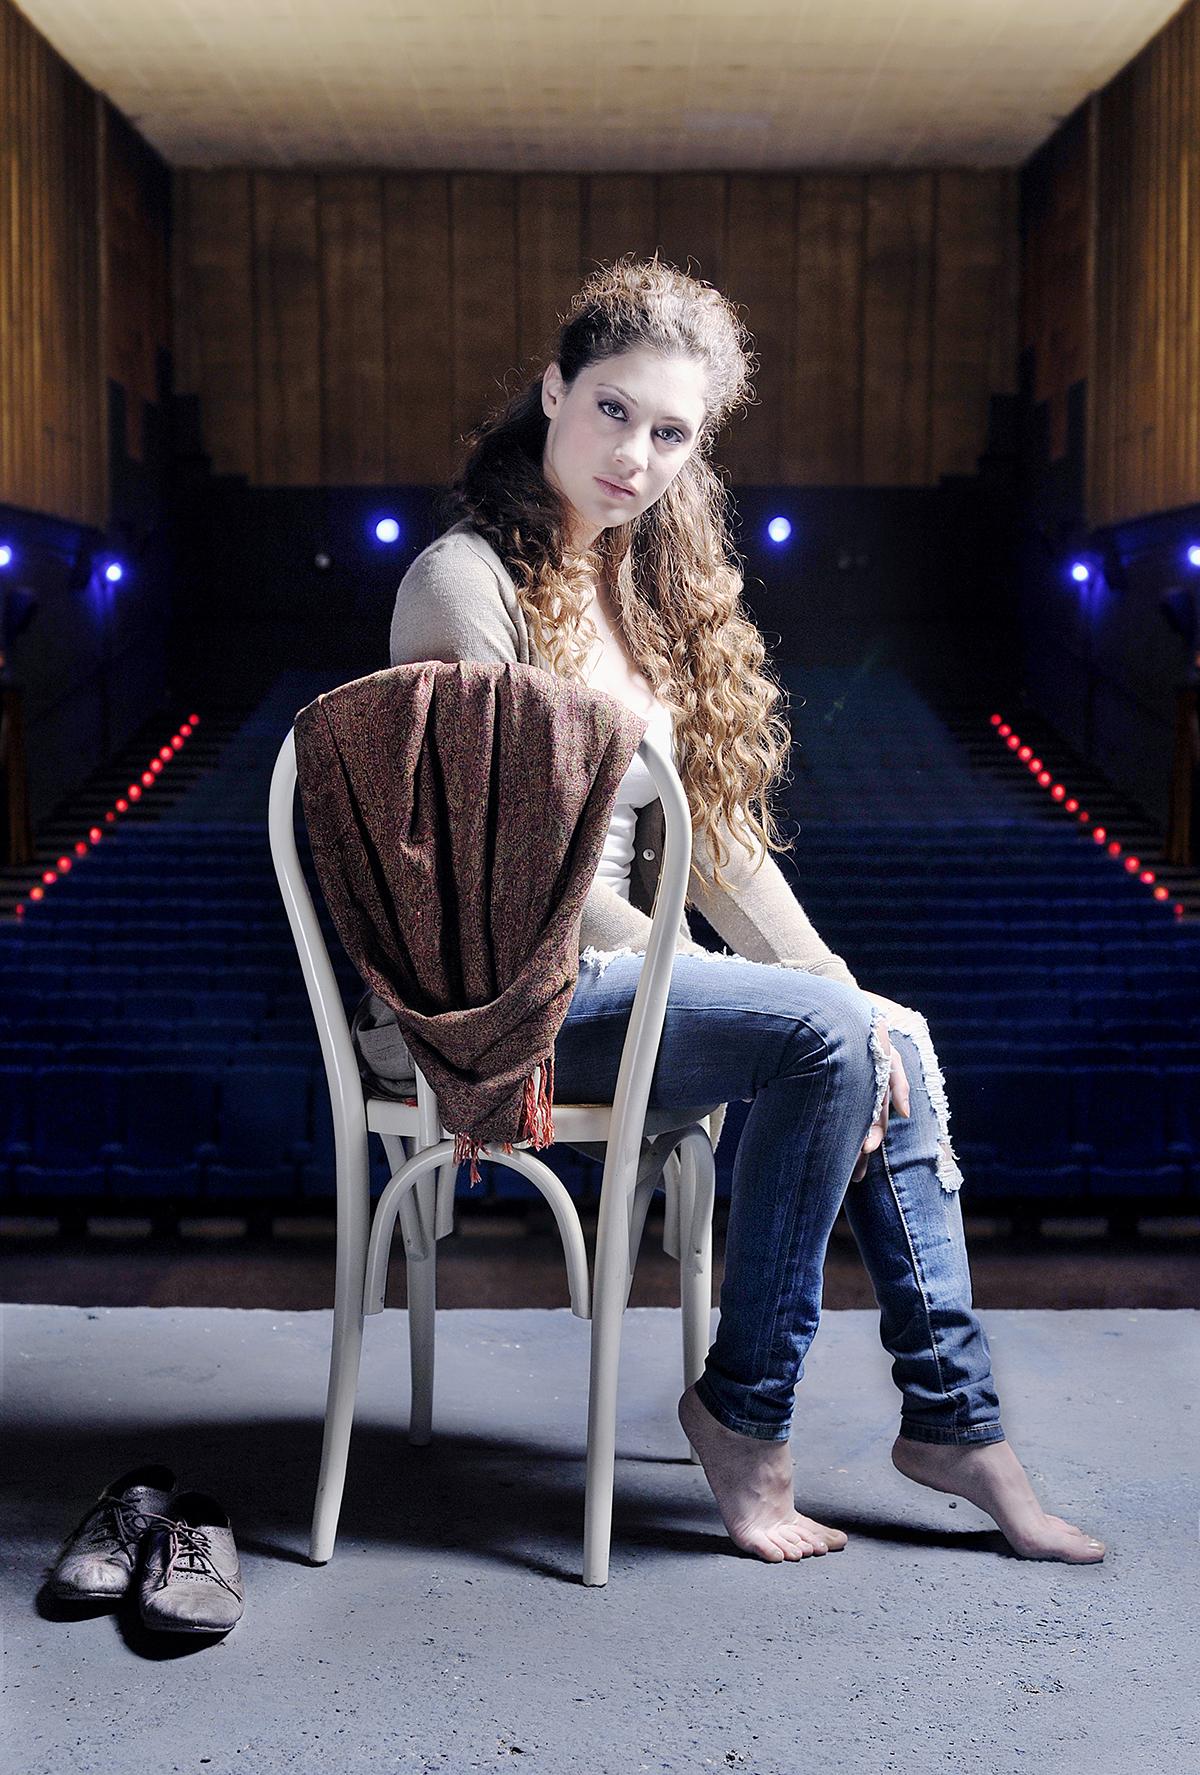 ritratto-portrait-paola-simonelli-tania-tuccinardi-attrice-actress-gobbo-di-notredame-romeo-e-giulietta